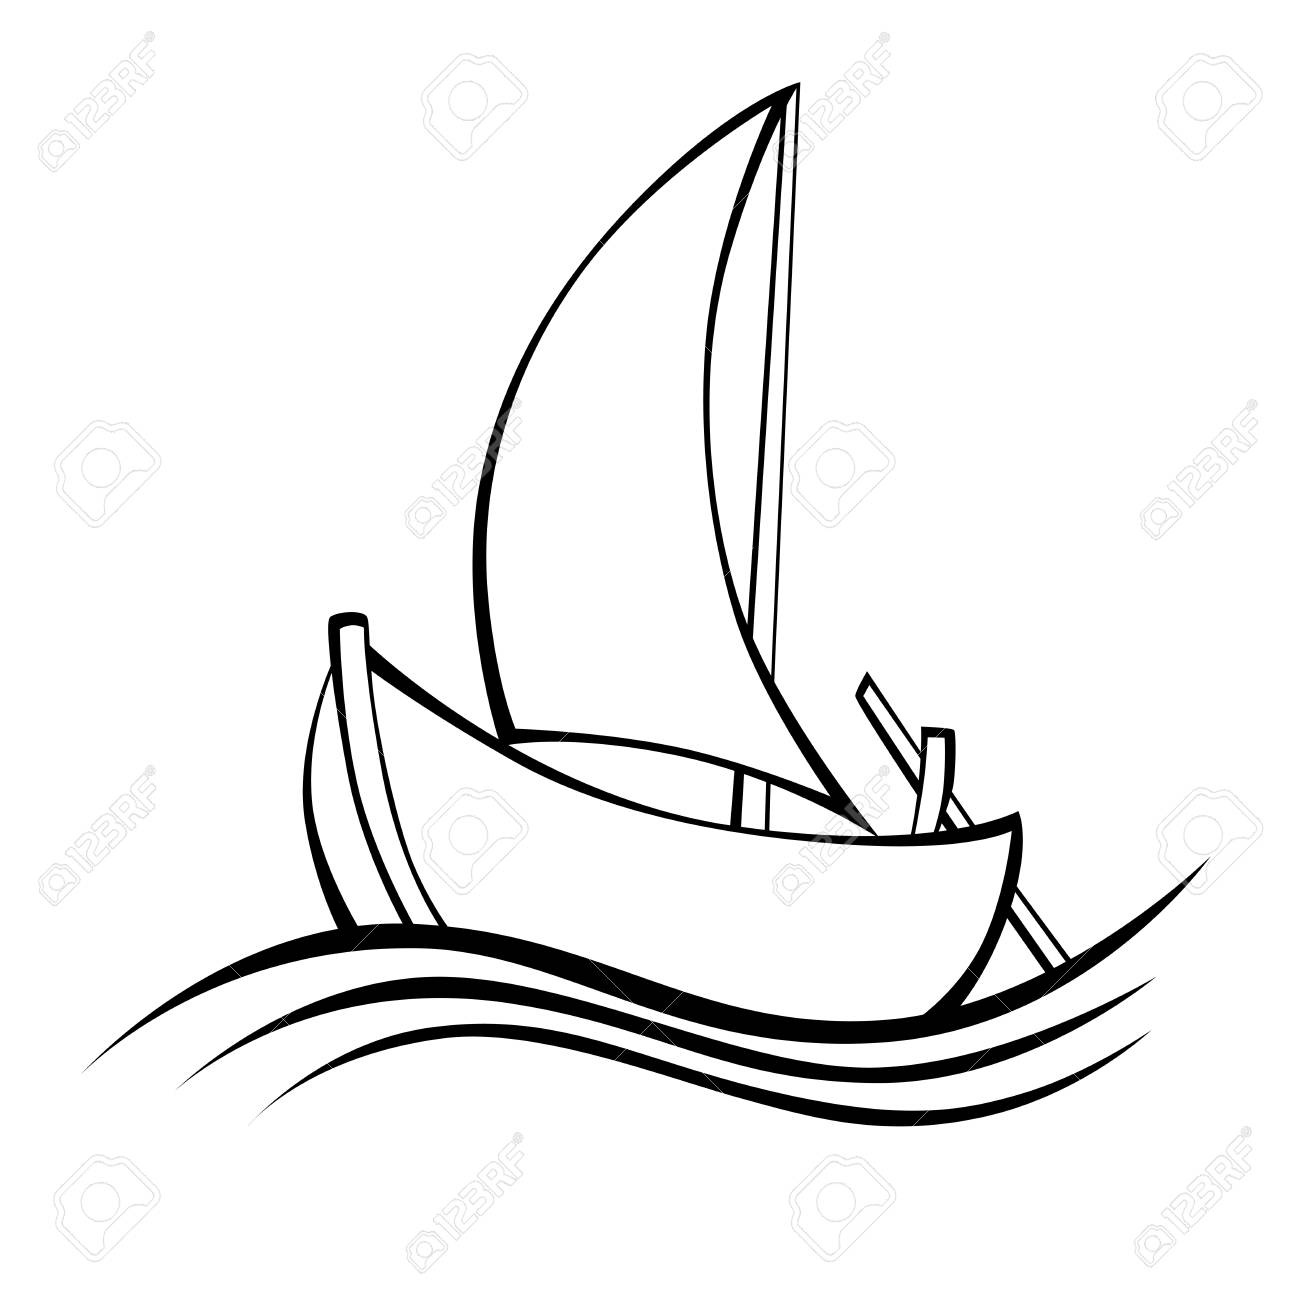 Sailing boat black white isolated object illustration.